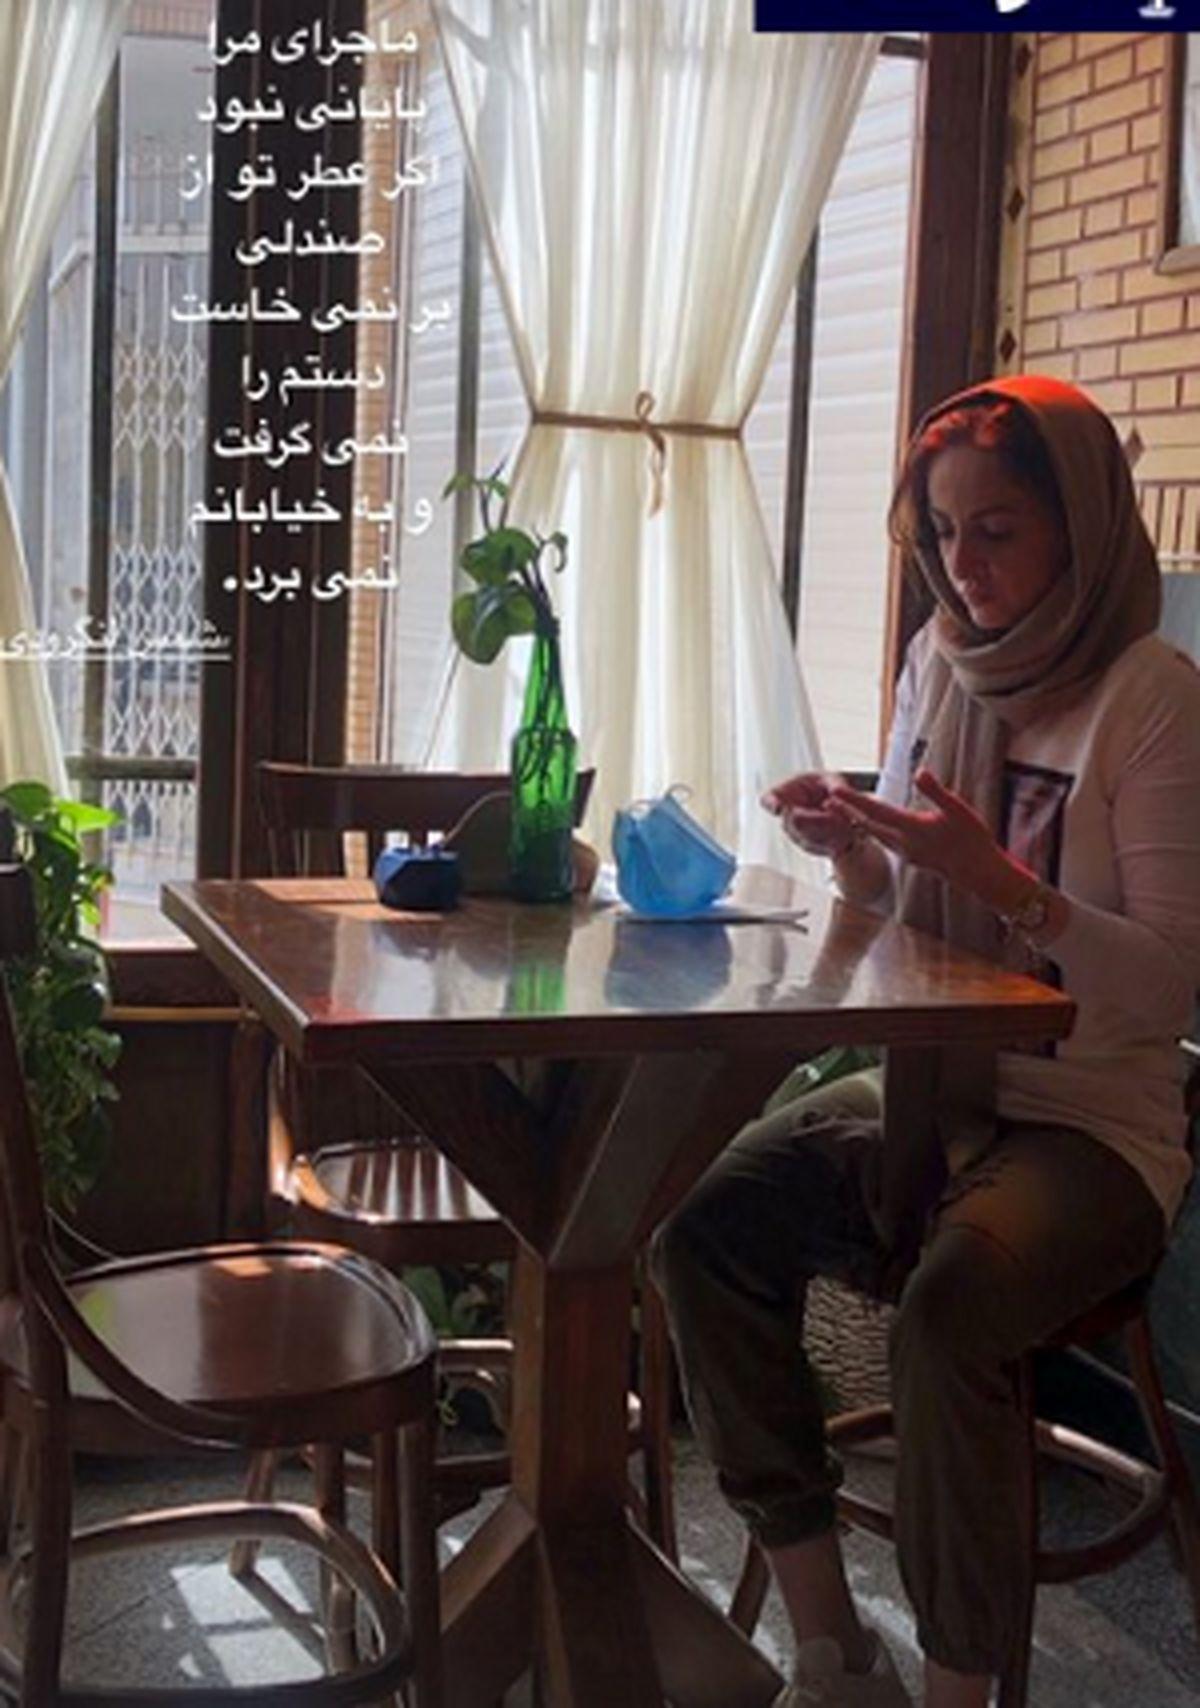 بولیز تنگ و شلوار کوتاه شقایق دهقان در کافه + عکس